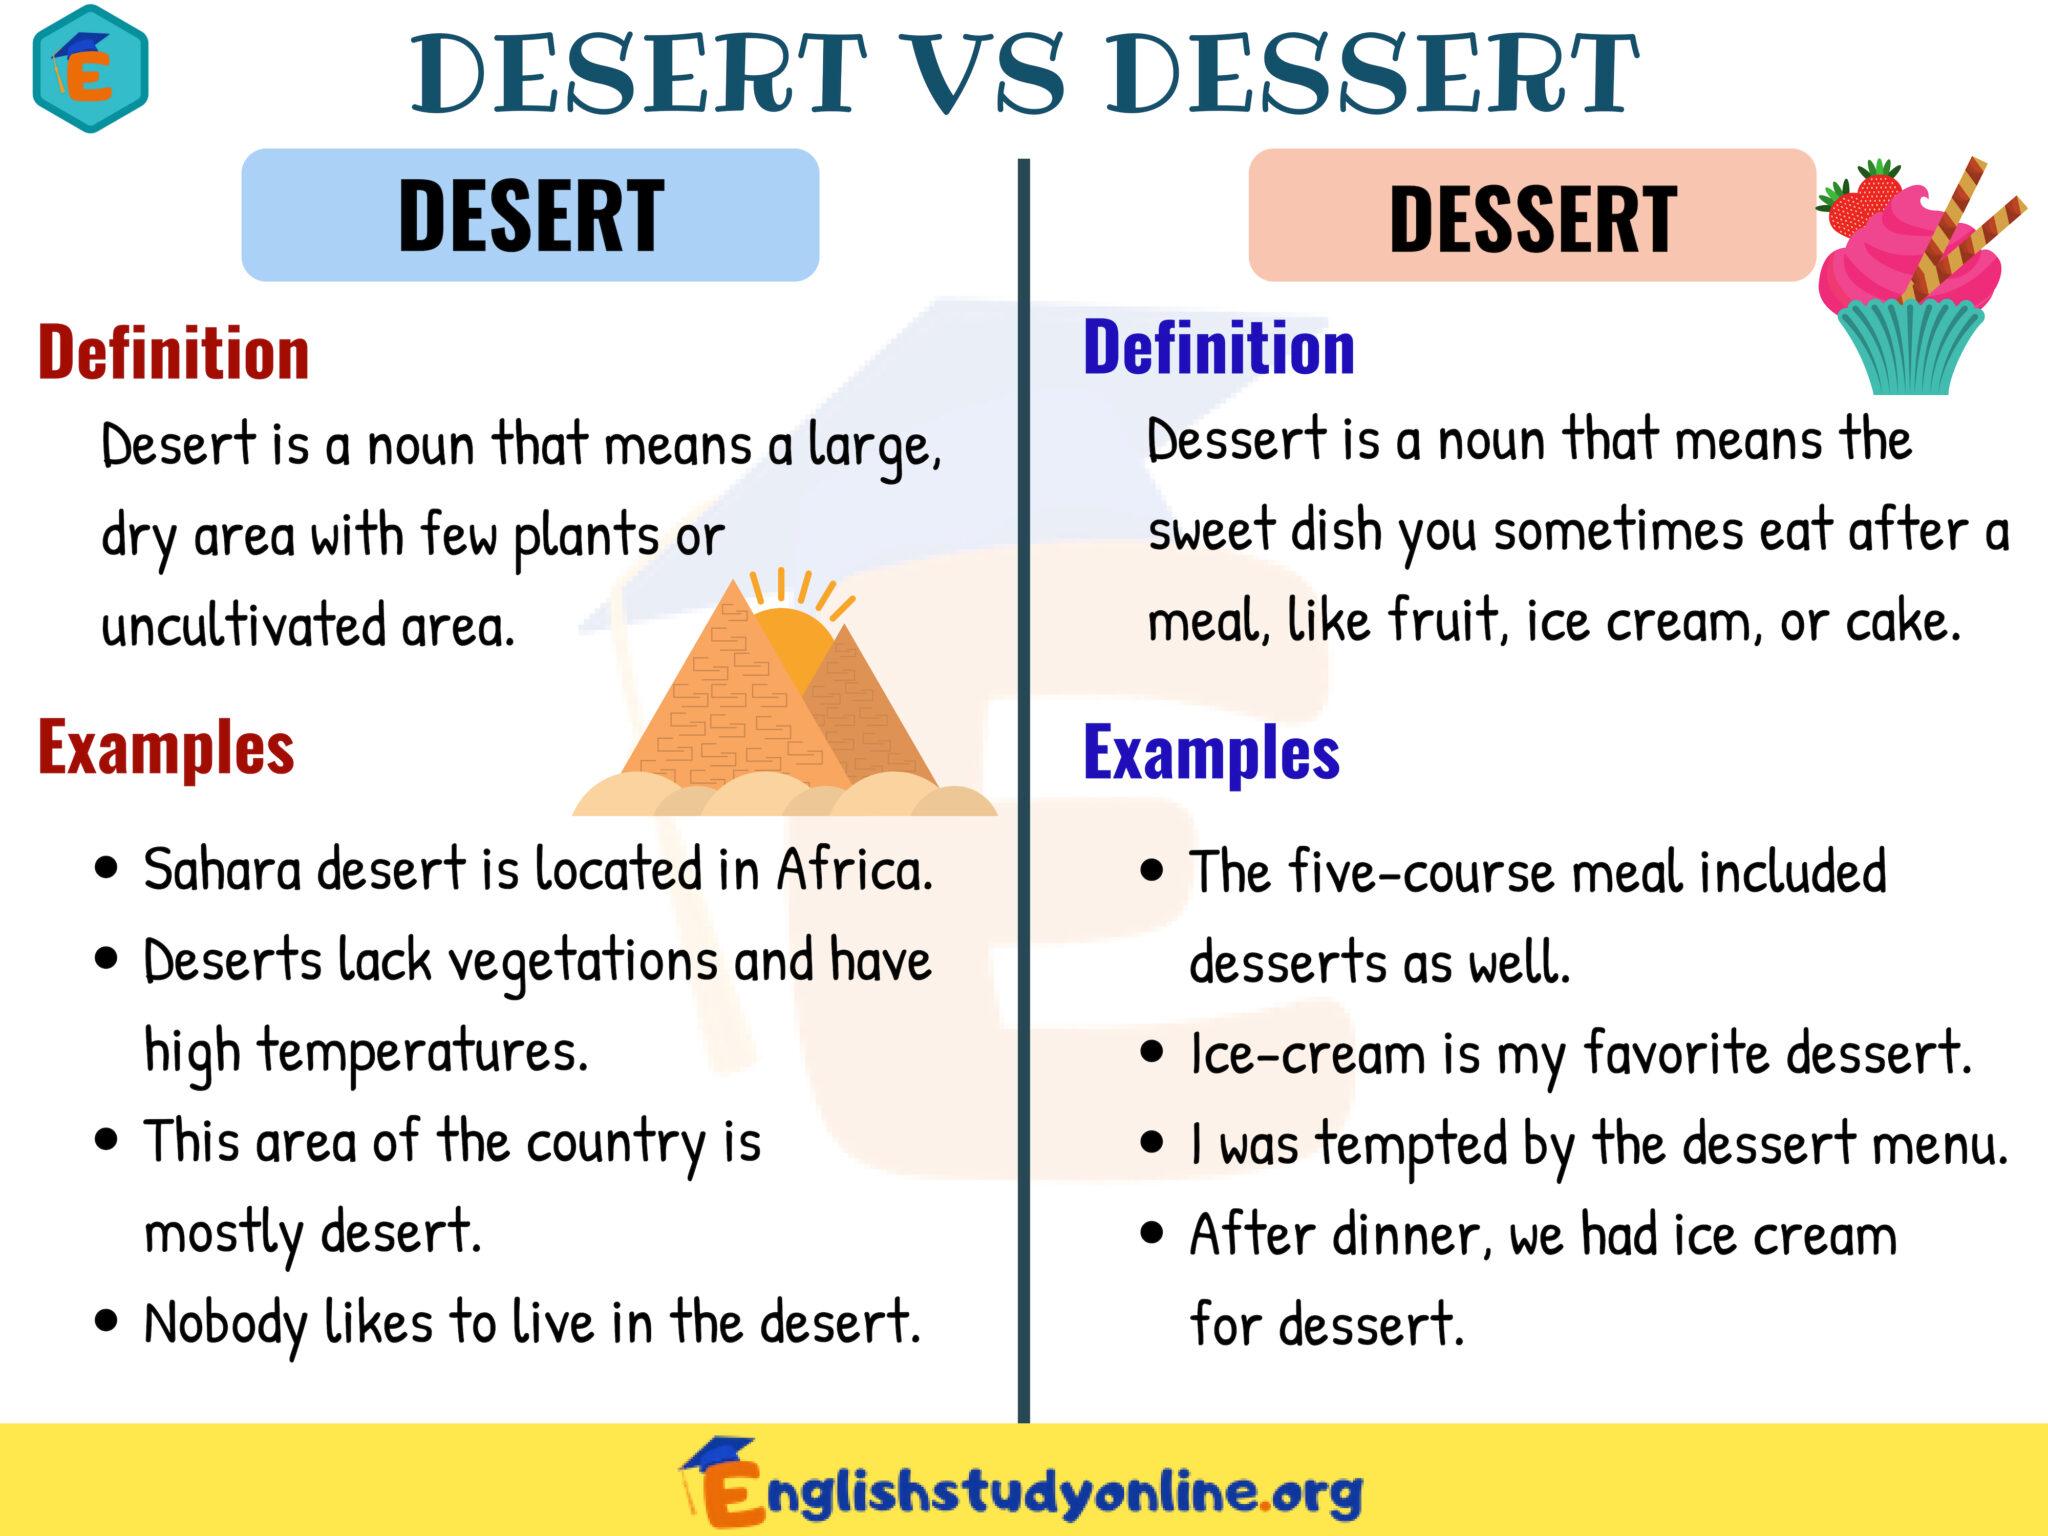 Desert vs Dessert